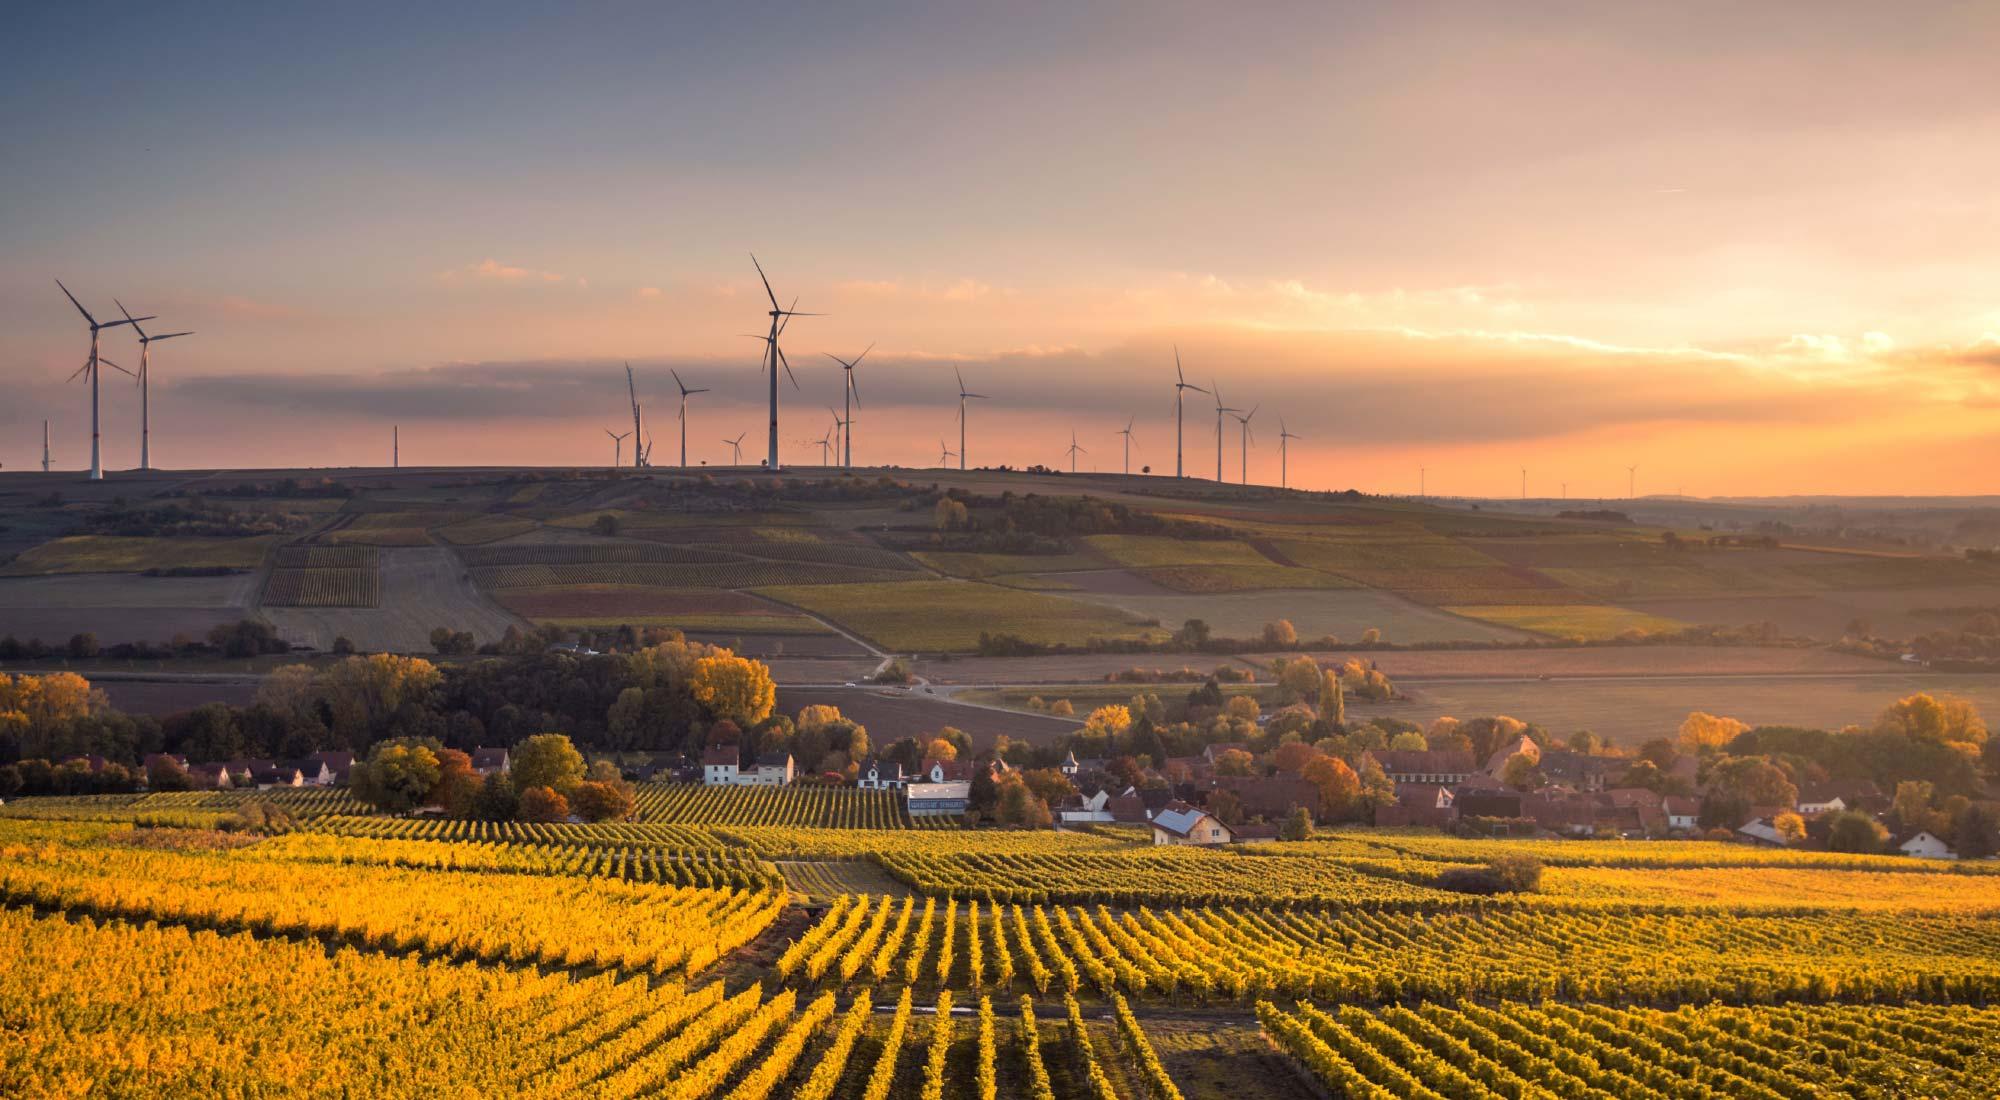 La production d'électricité 100% renouvelable en Belgique est-elle possible et même souhaitable ?